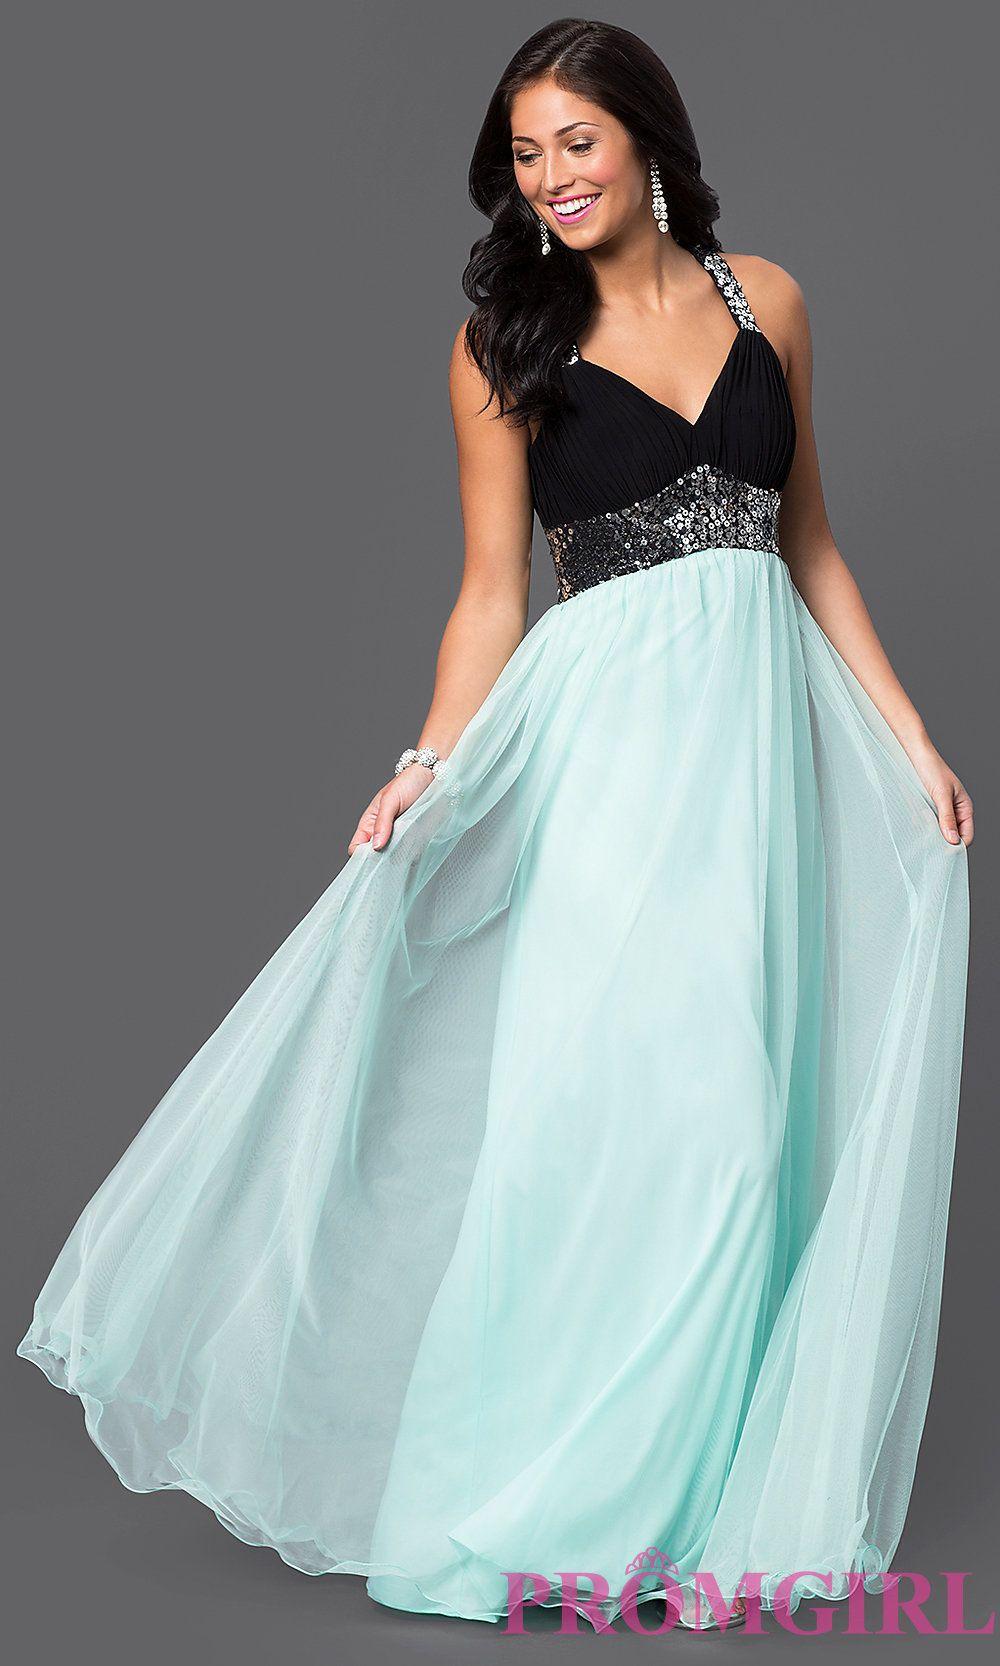 Atemberaubend Bella Nova Prom Kleider Bilder - Brautkleider Ideen ...